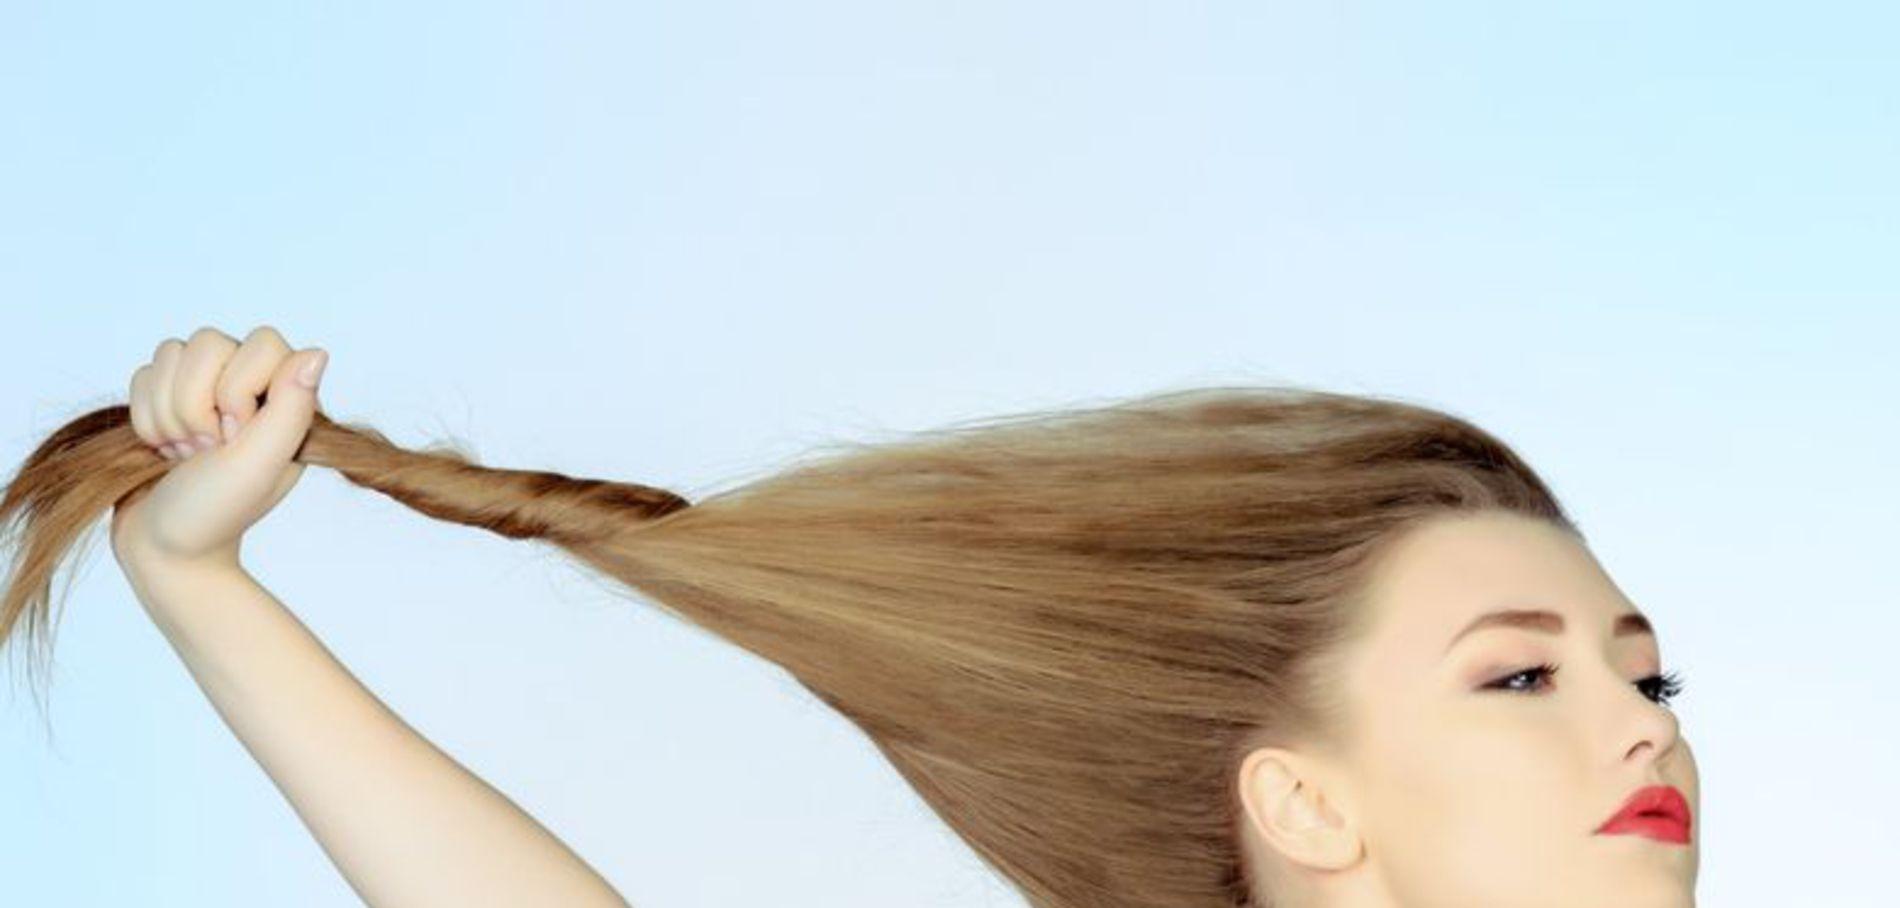 541d10f9a7341 Recette à base d huile de ricin pour des cheveux plus forts